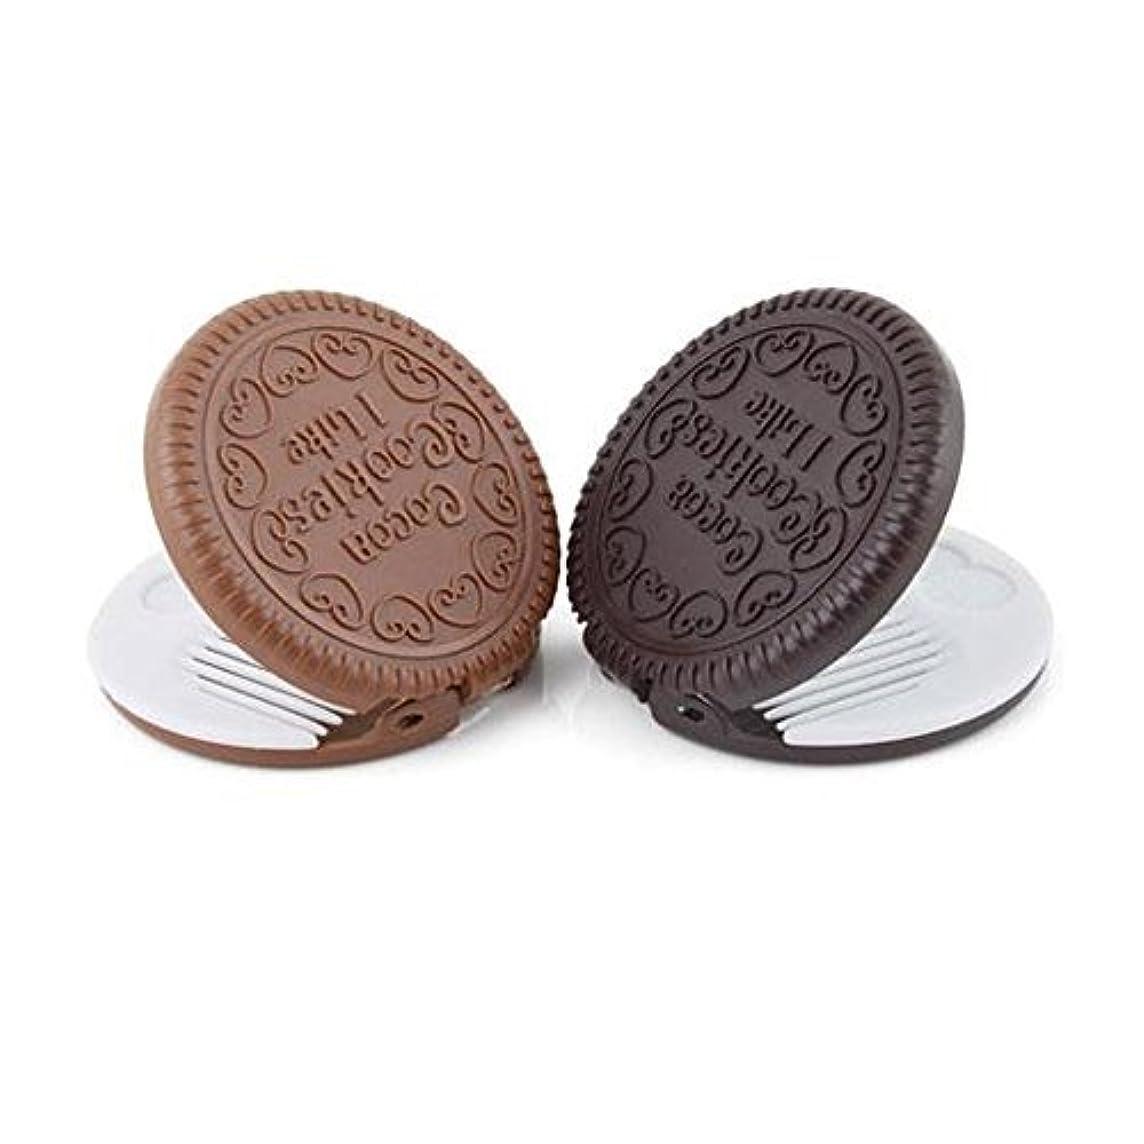 汚す無心狂乱yueton Pack of 2 Mini Pocket Chocolate Cookie Compact Mirror with Comb [並行輸入品]